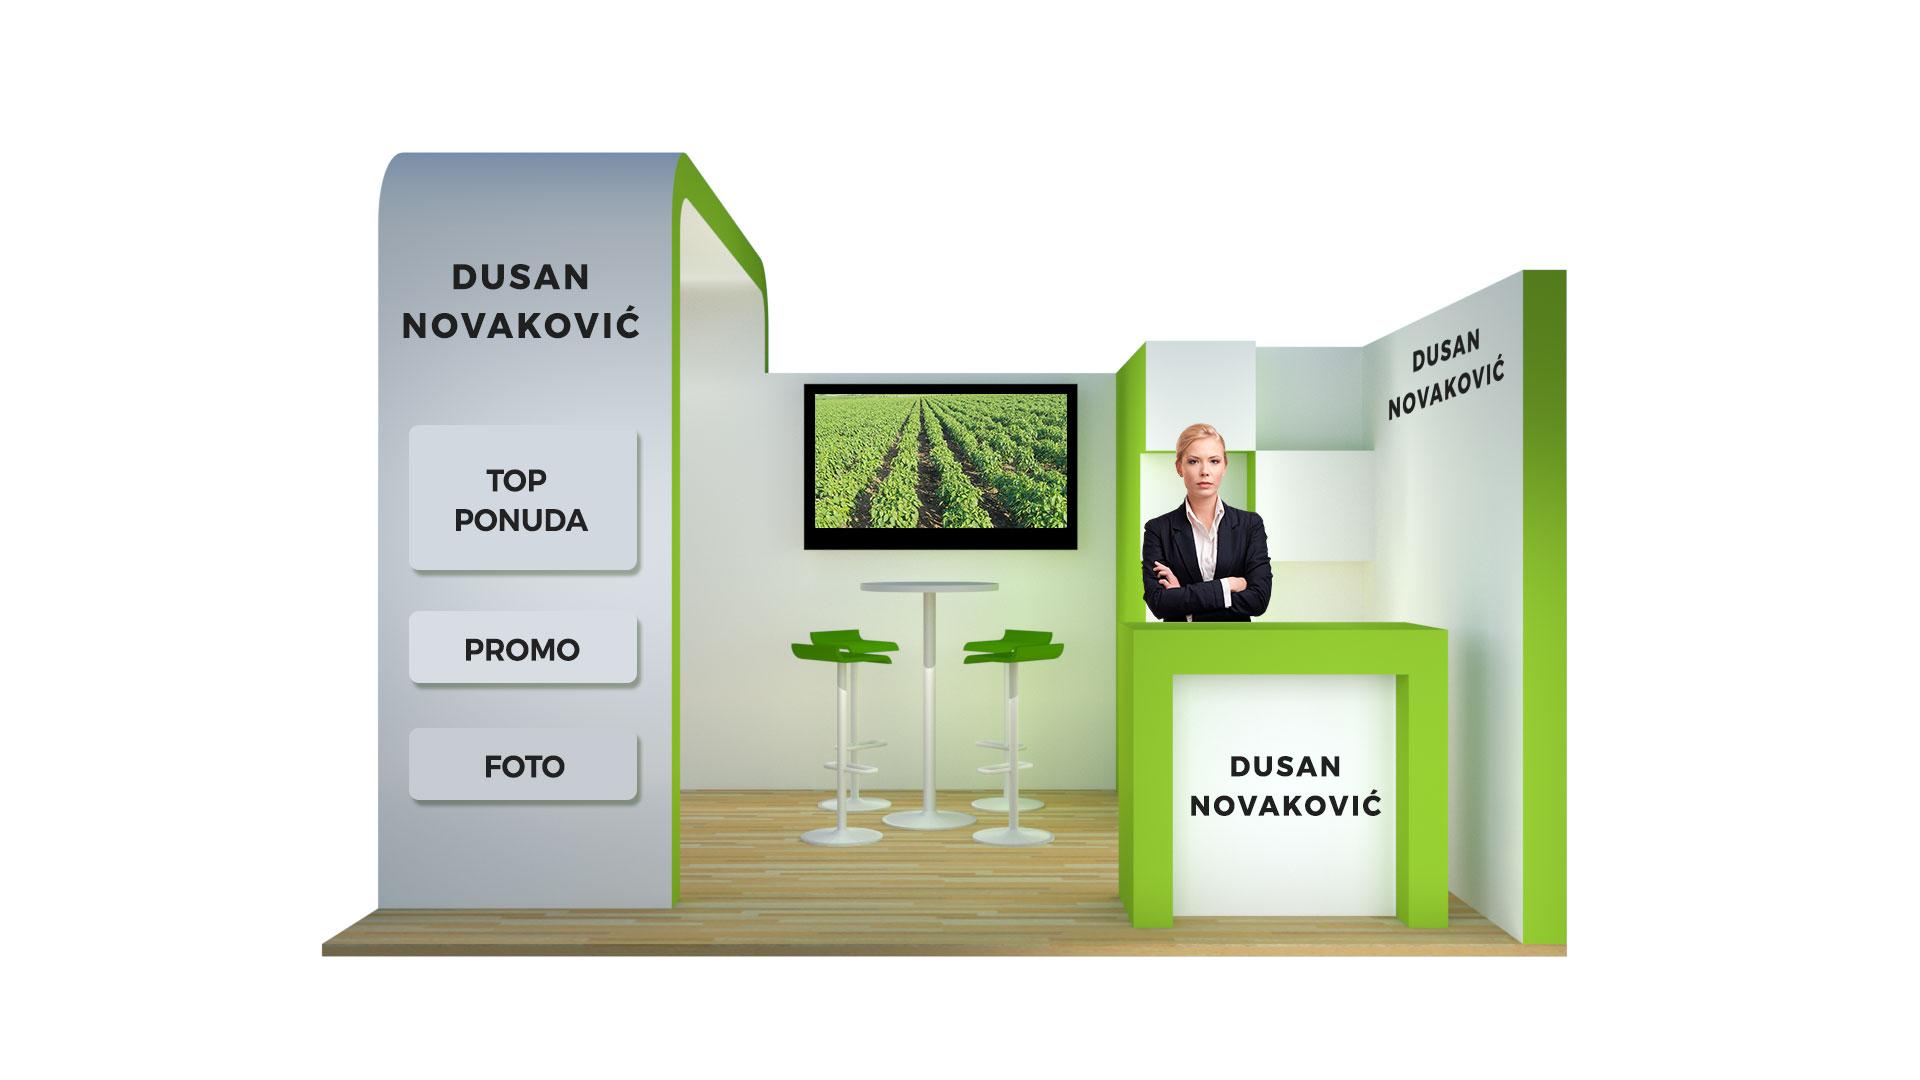 Dusan-Novakovic